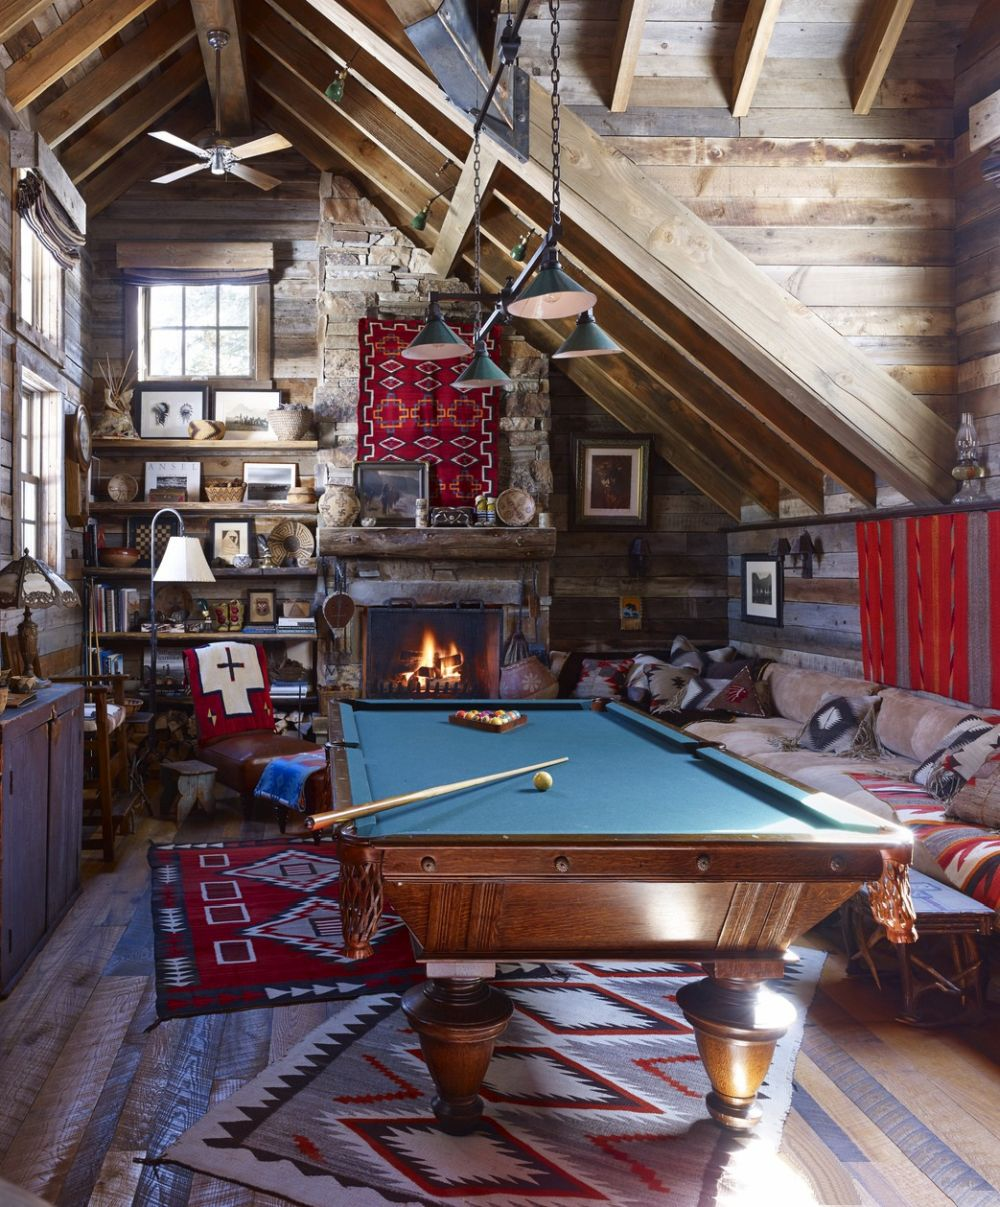 adelaparvu.com despre casa de vacanta la munte, Buffy Birrittella, Foto Elle Decor, Bjorn Wallander